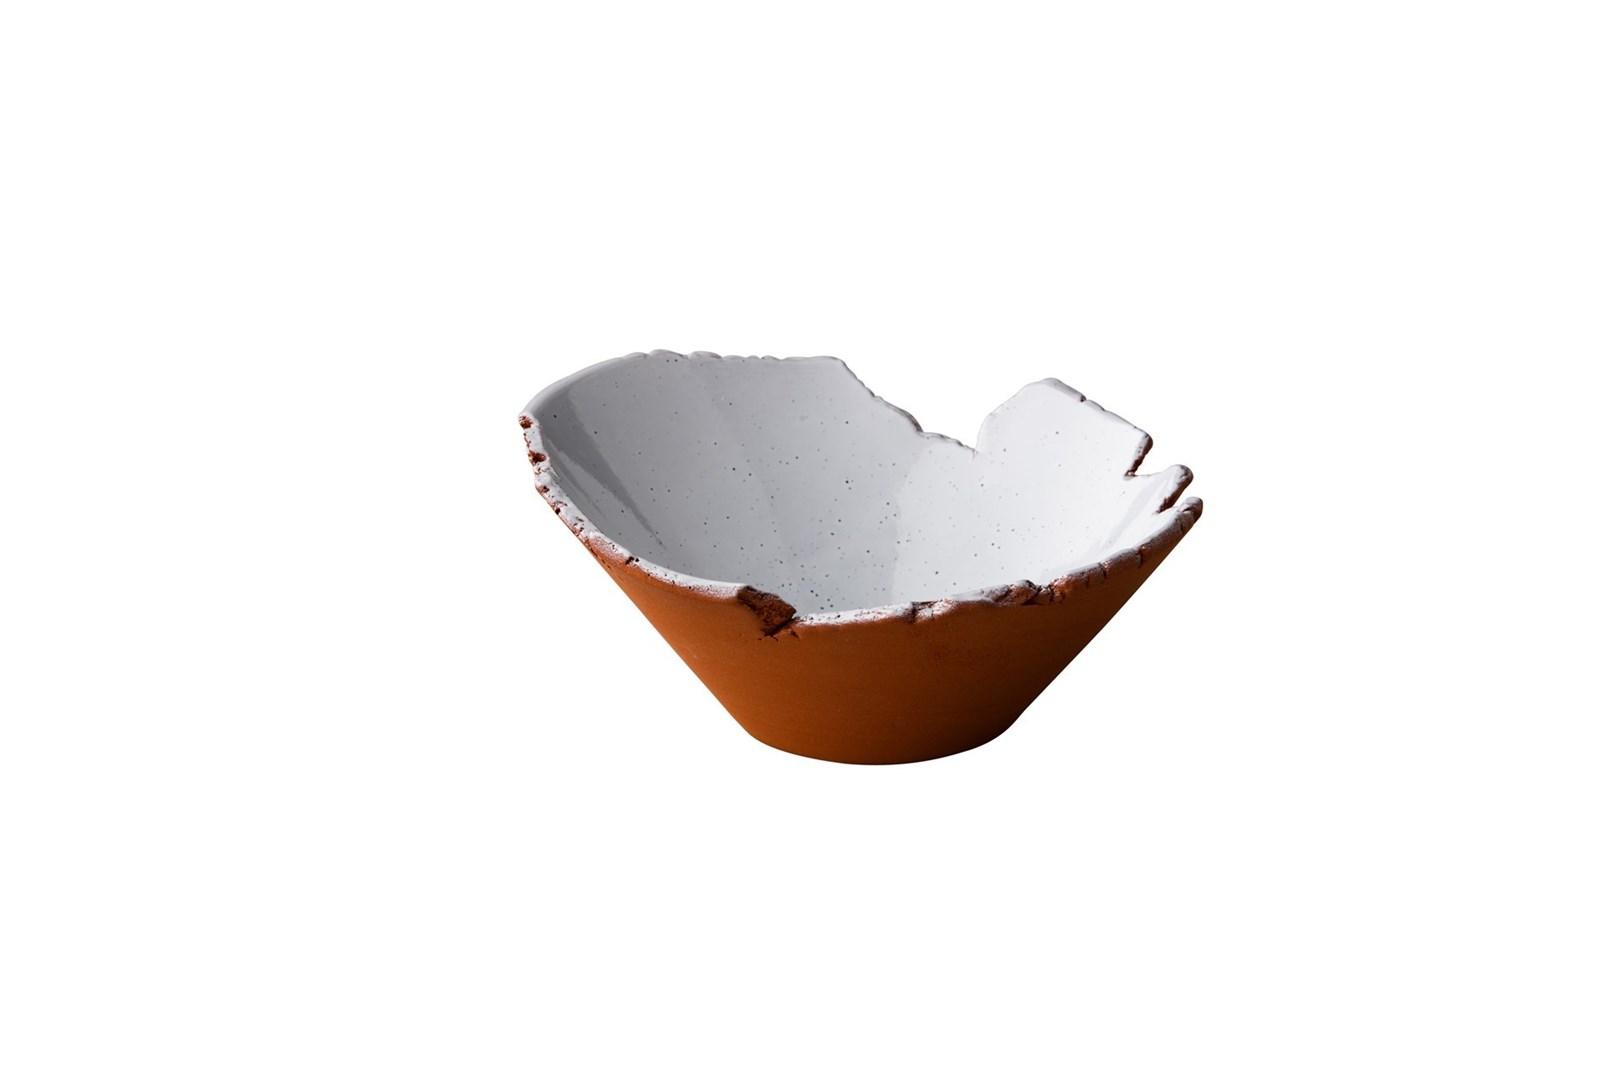 Productafbeelding Stoneheart organische kom 13 x 7,8 cm wit